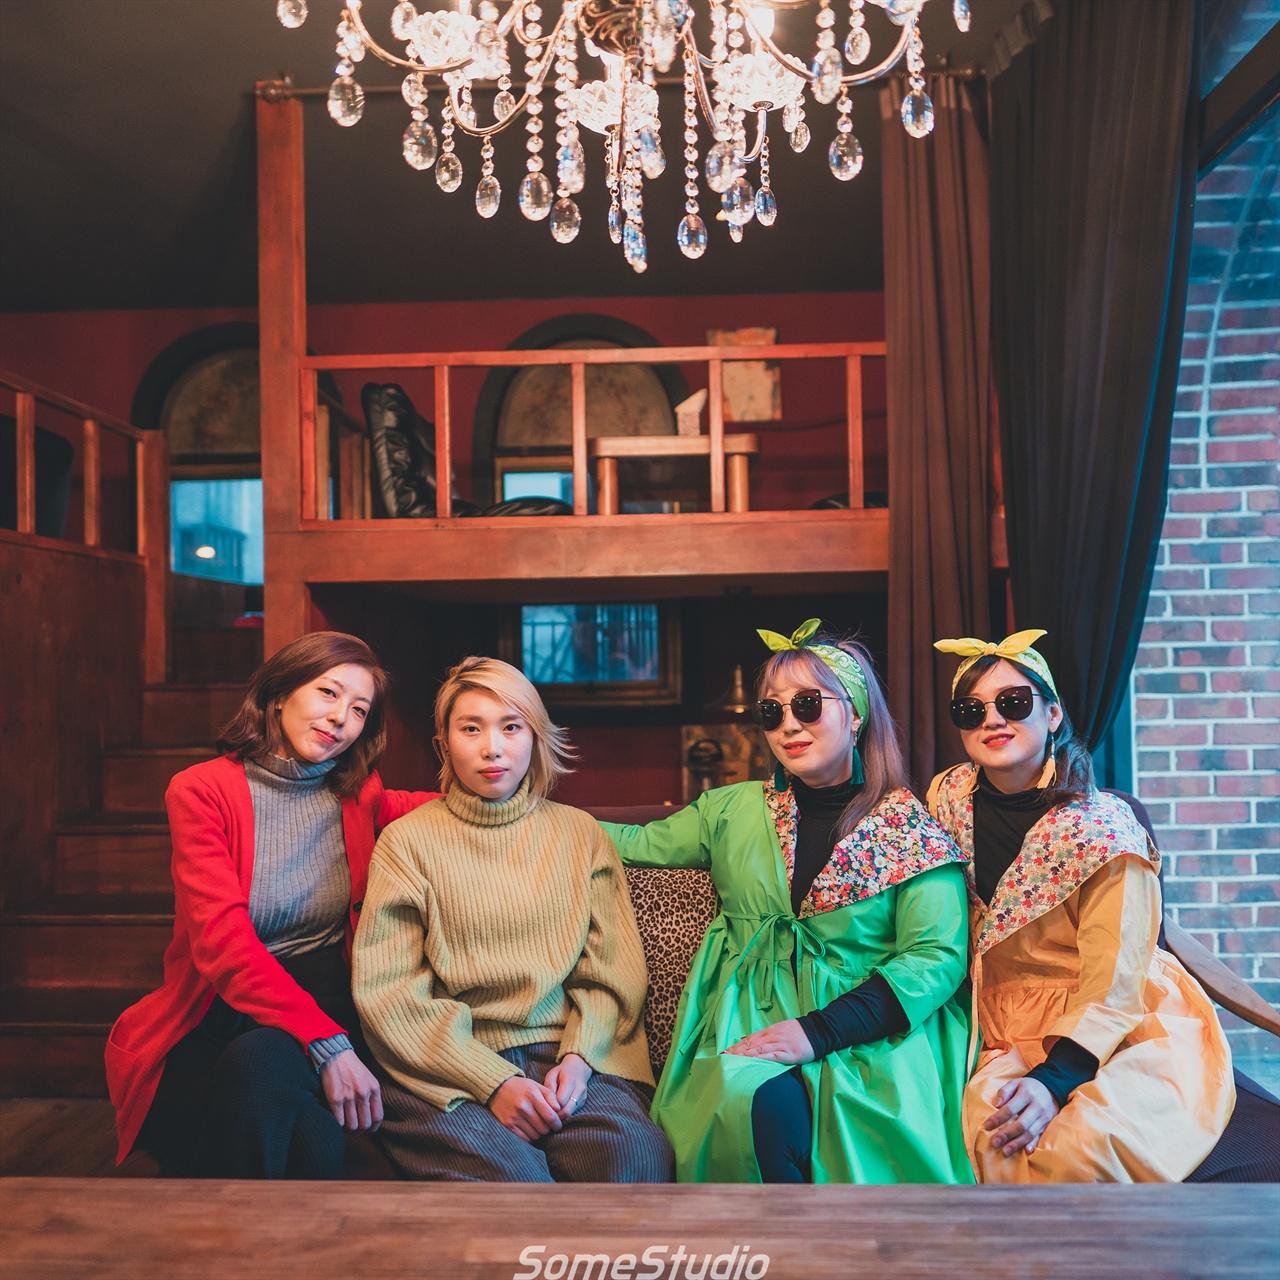 좌측부터 '트레봉봉' 김하늘, 김도연, '미미시스터즈' 큰 미미, 작은 미미.